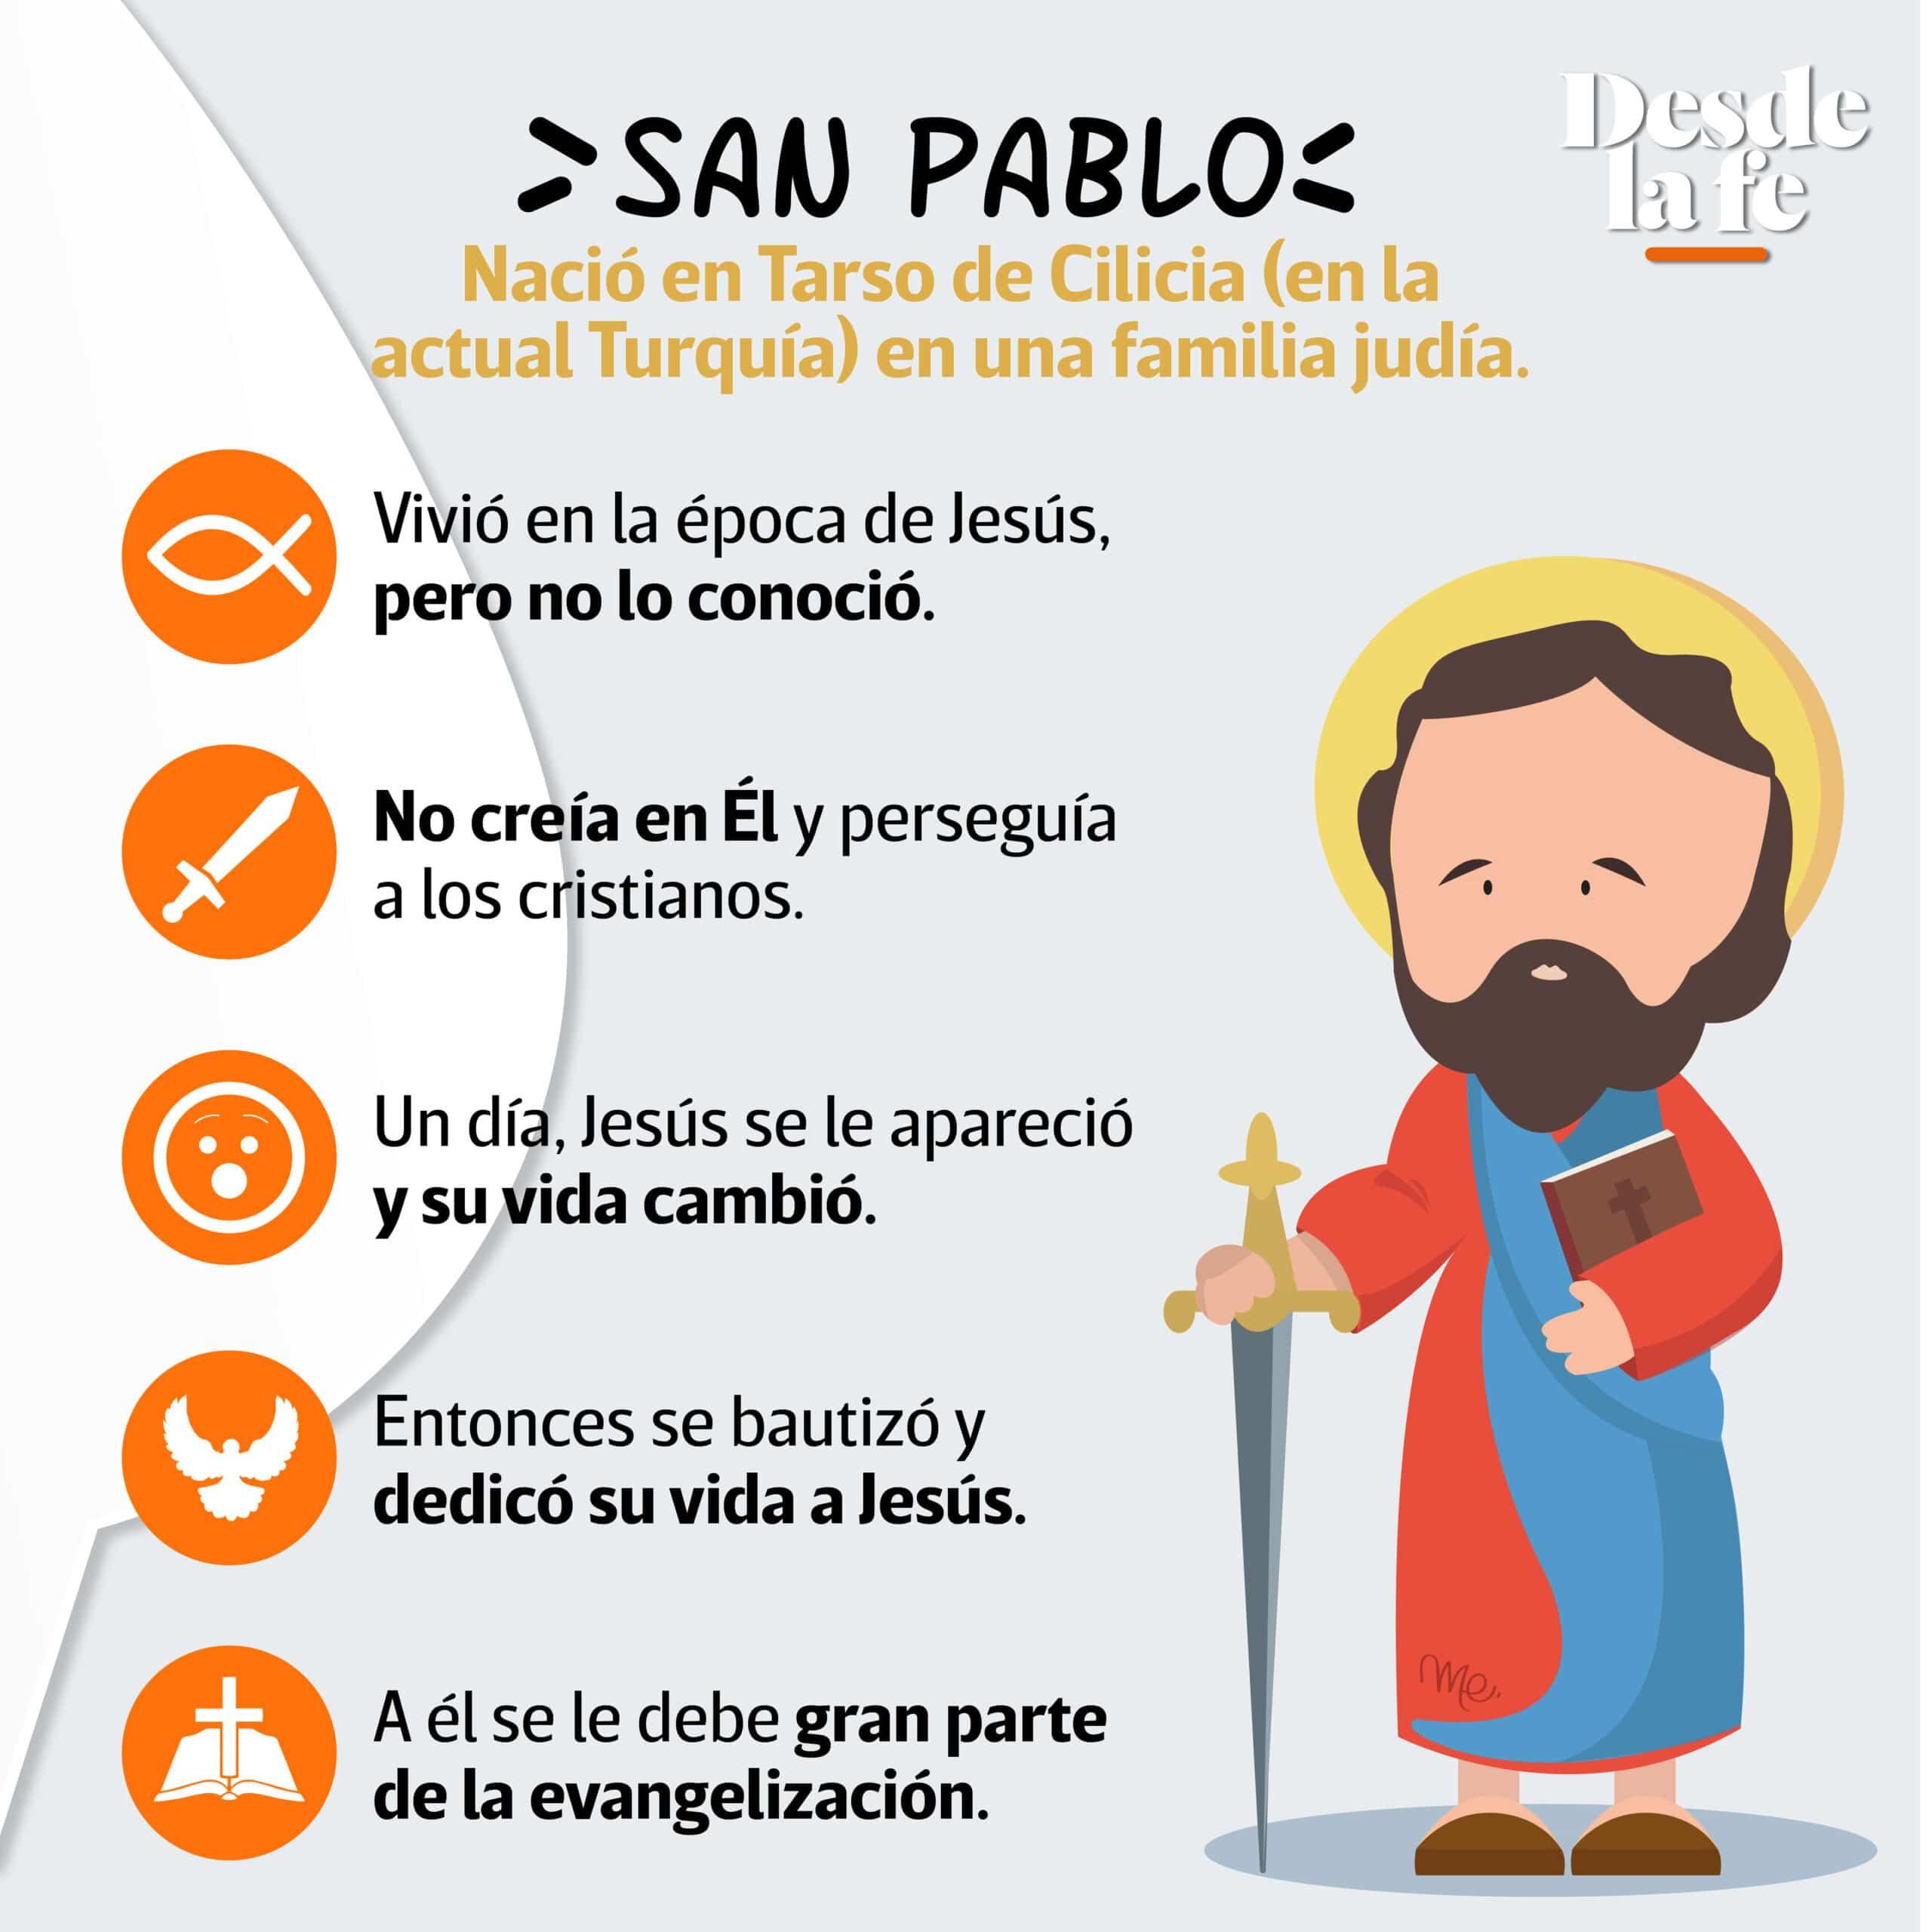 Conoce a San Pablo. Diseño: María Escutia